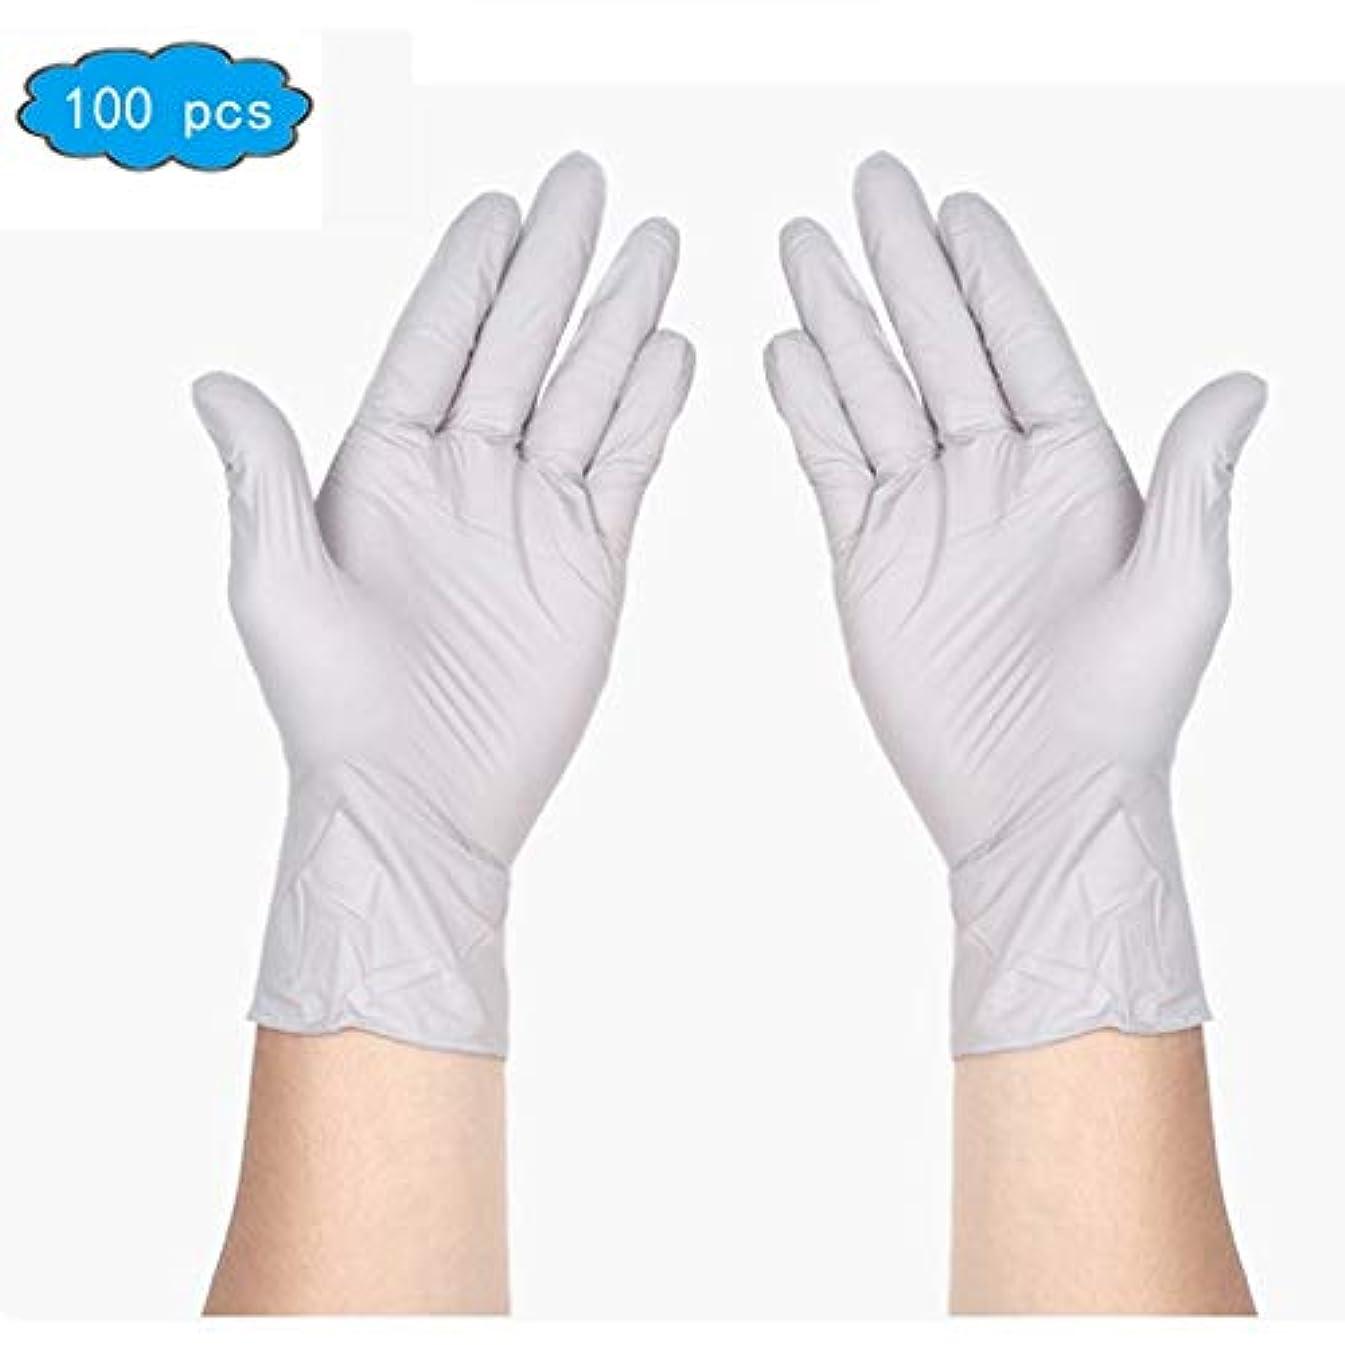 シティピュー賞ニトリル試験用手袋 - 医療用グレード、パウダーフリー、ラテックスラバーフリー、使い捨て、非滅菌、食品安全、テクスチャード加工、白色、2.5ミル、便利なディスペンサー、100個入り、サニタリーグローブ (Color : Gray, Size : M)